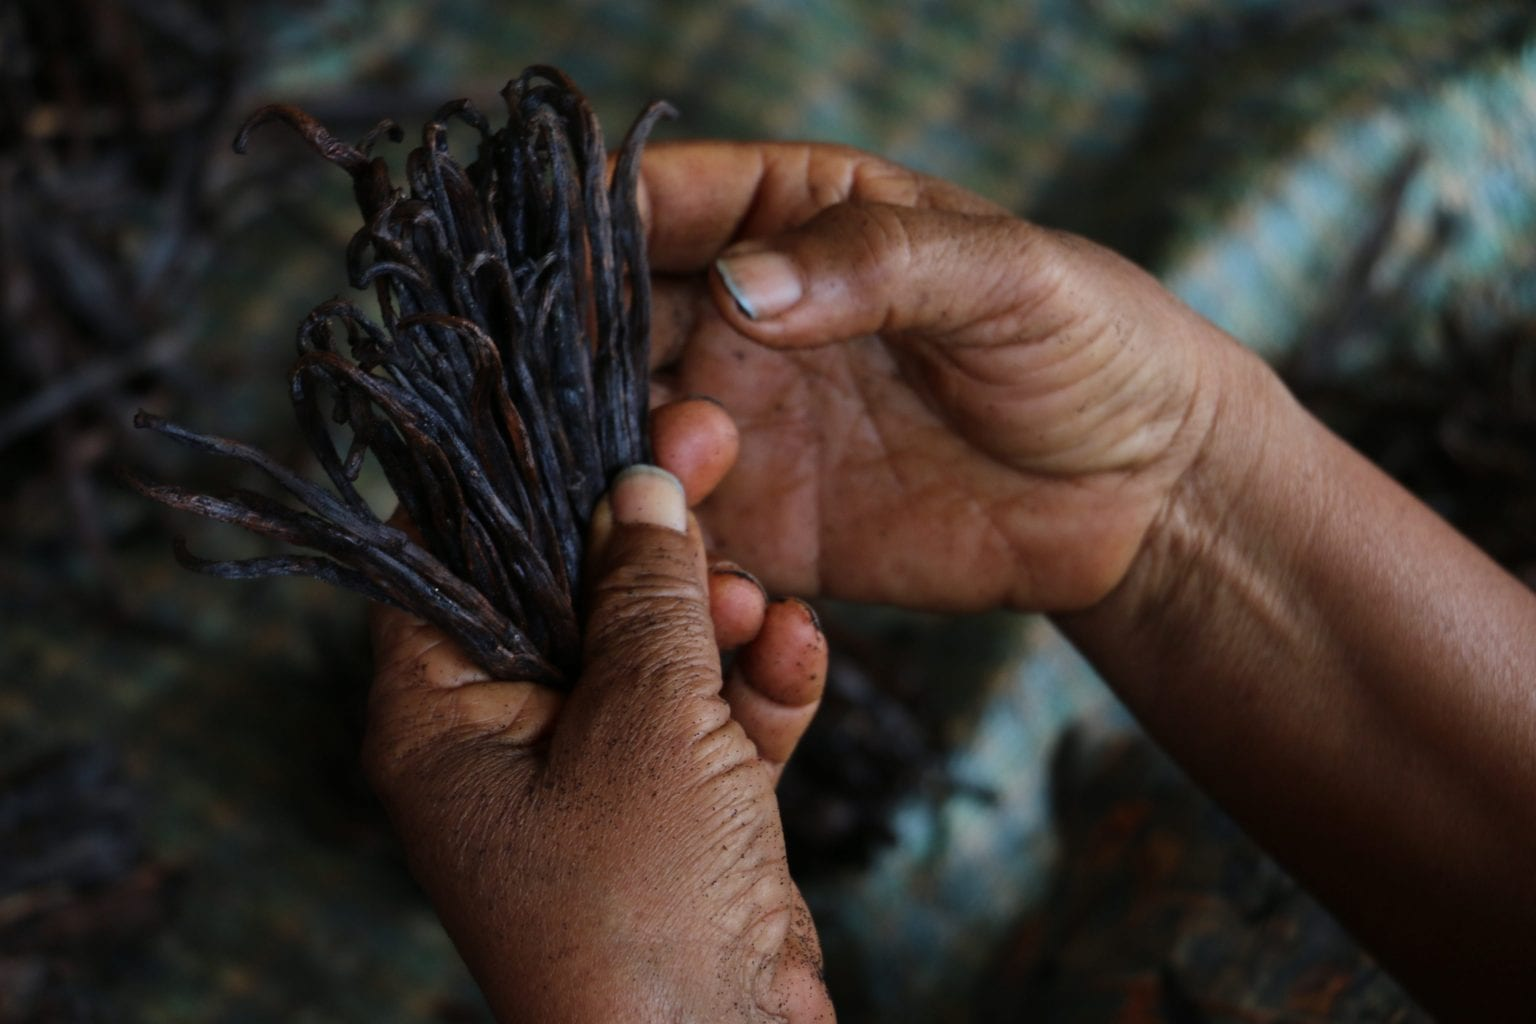 Der er mange mellemhandlere i vaniljens varekæde, og det gør det svært at kontrollere, hvor vaniljen kommer fra. Foto: Per Lykke Lind/Danwatch